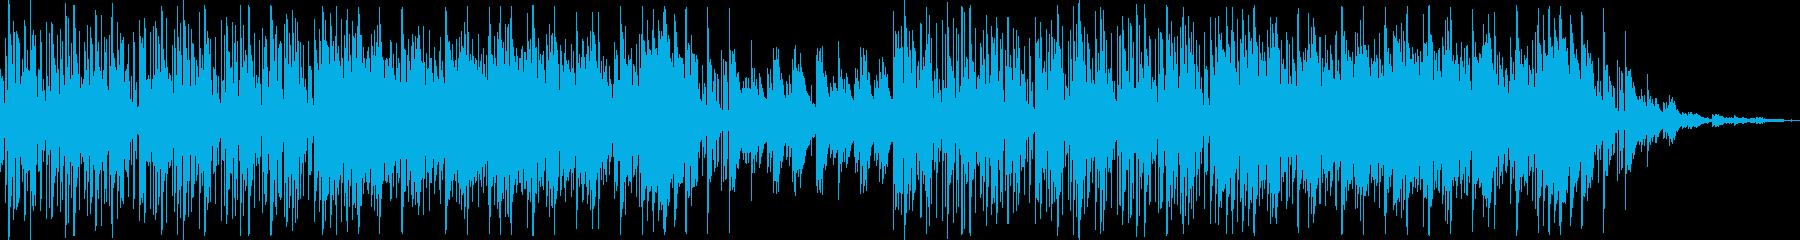 日常系 シンセの音を使い近未来的な雰囲気の再生済みの波形